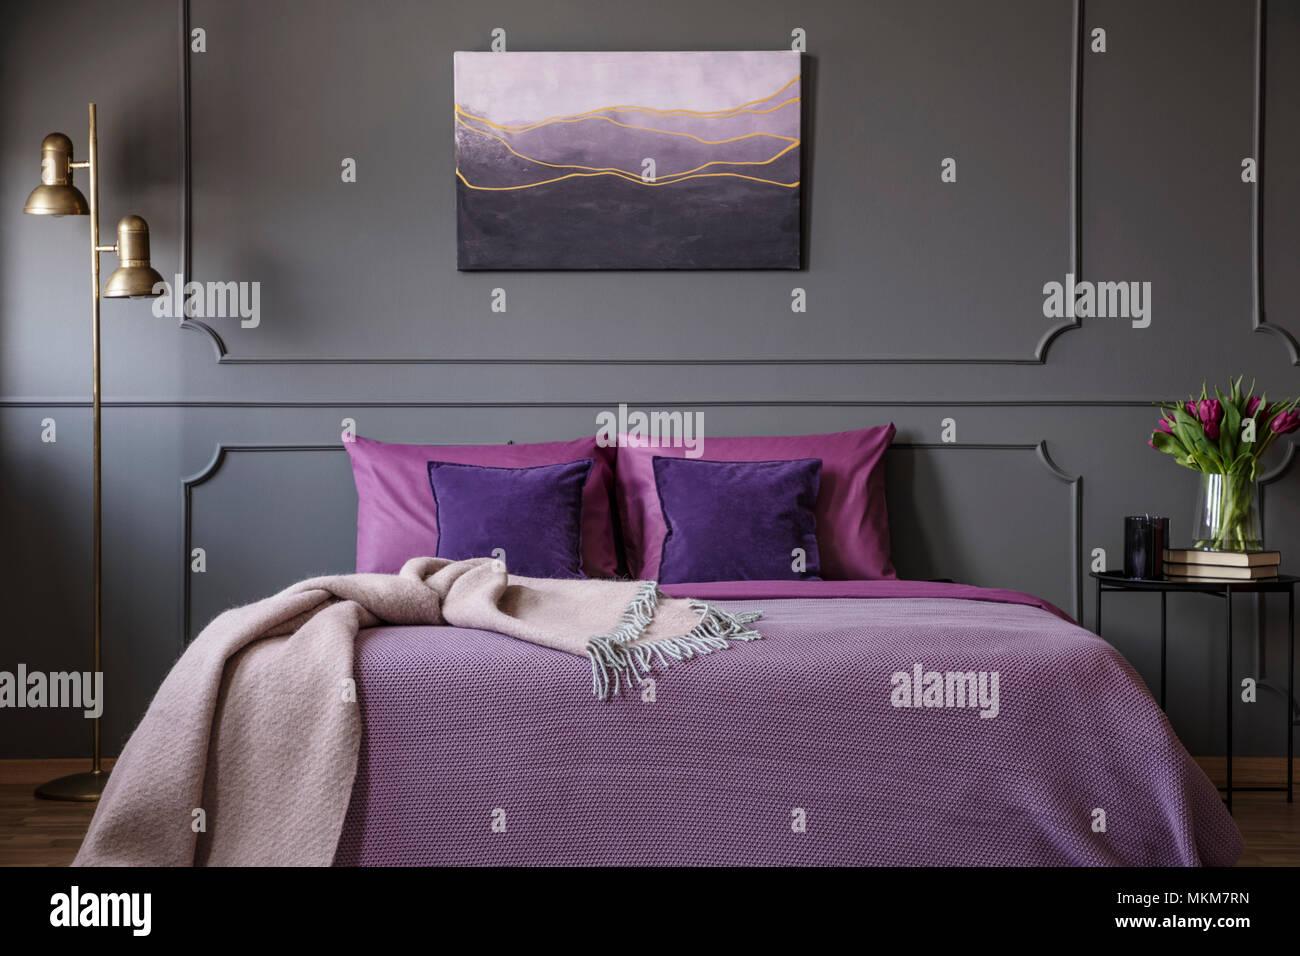 Rosa Decke Auf Violett Bett Im Eleganten Schlafzimmer Innenraum Mit Malerei  Auf Graue Wand Mit Spritzguss